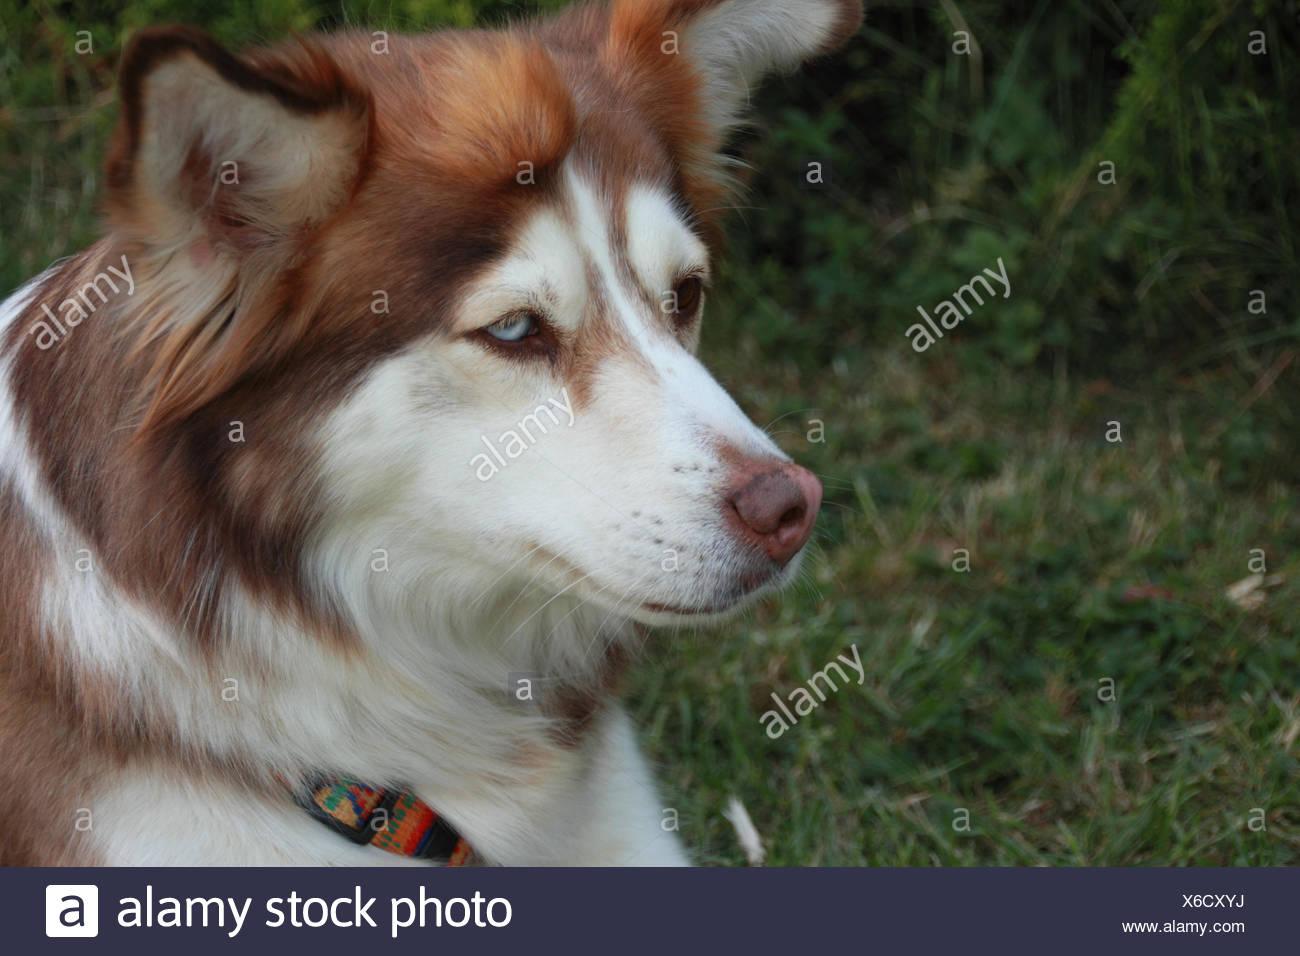 animal, pet, dog, zoology, animal, pet, dog, biology, zoology, husky, canis - Stock Image